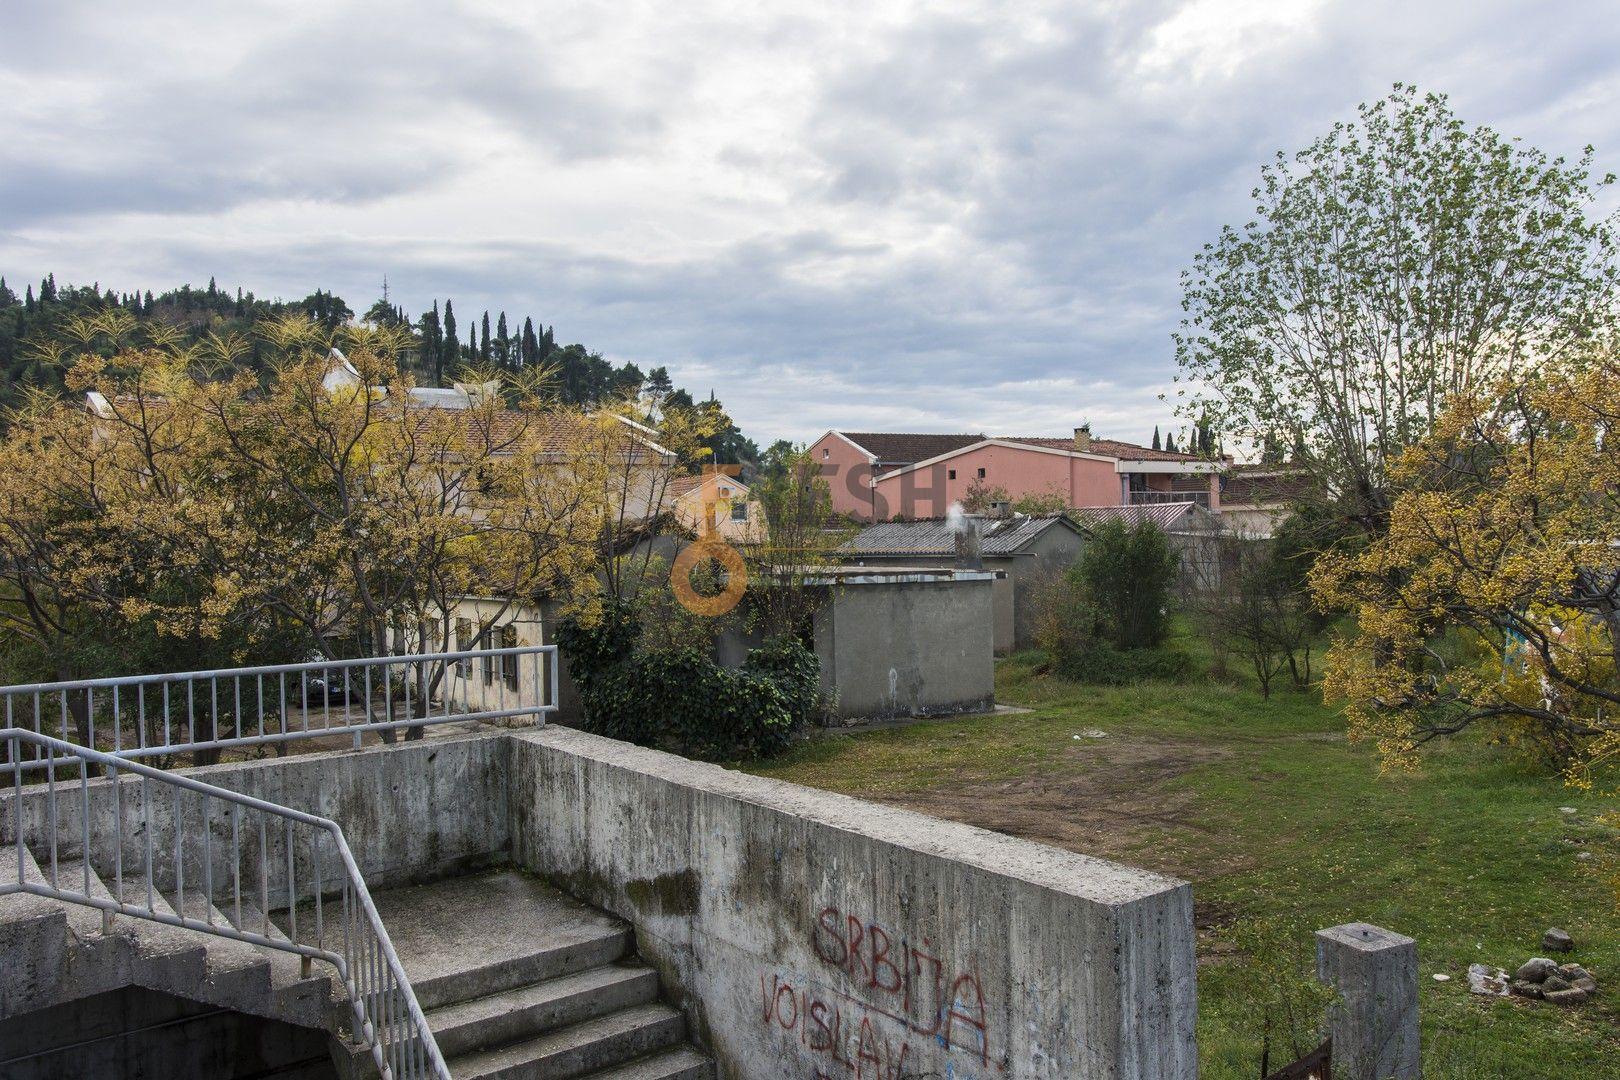 Kuća, 86 m2 na placu od 815 m2, Obala Morače, Prodaja - 8